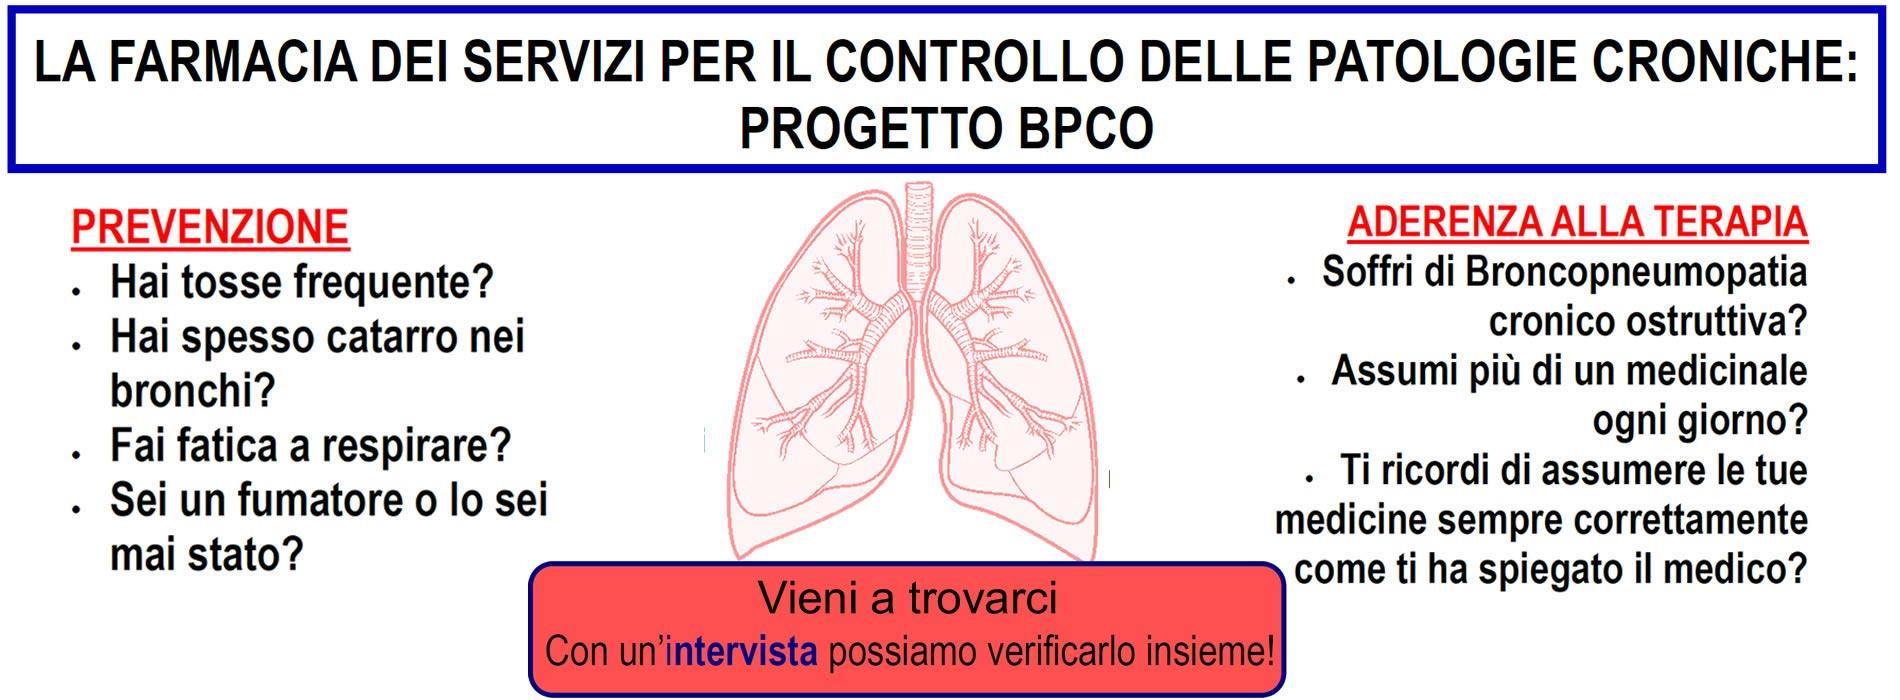 BPCO-progetto-L